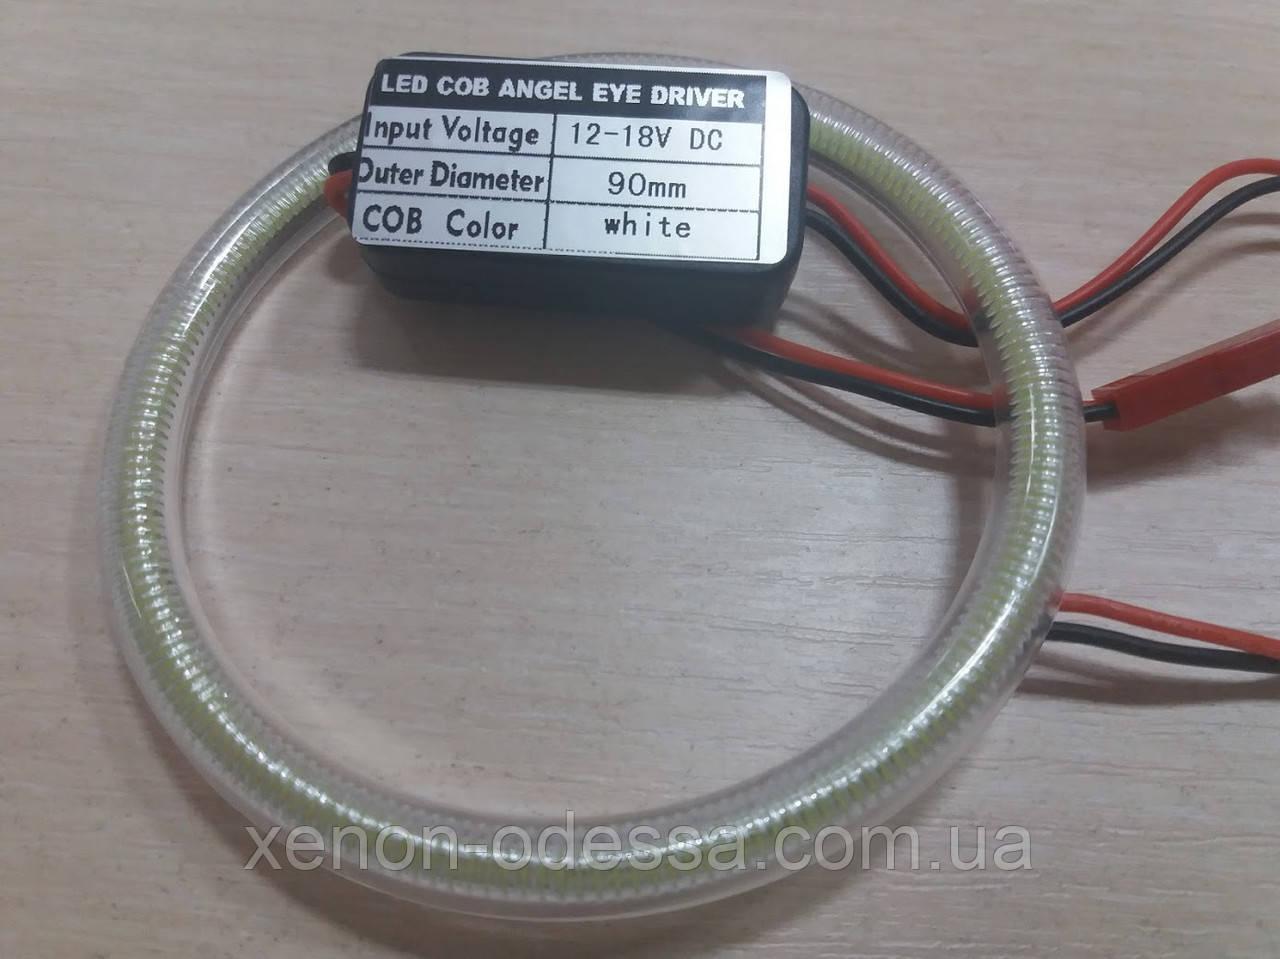 Светодиодные кольца Ангельские Глазки LED COB 90 мм /  Angel Eyes Ring LED COB 90 mm